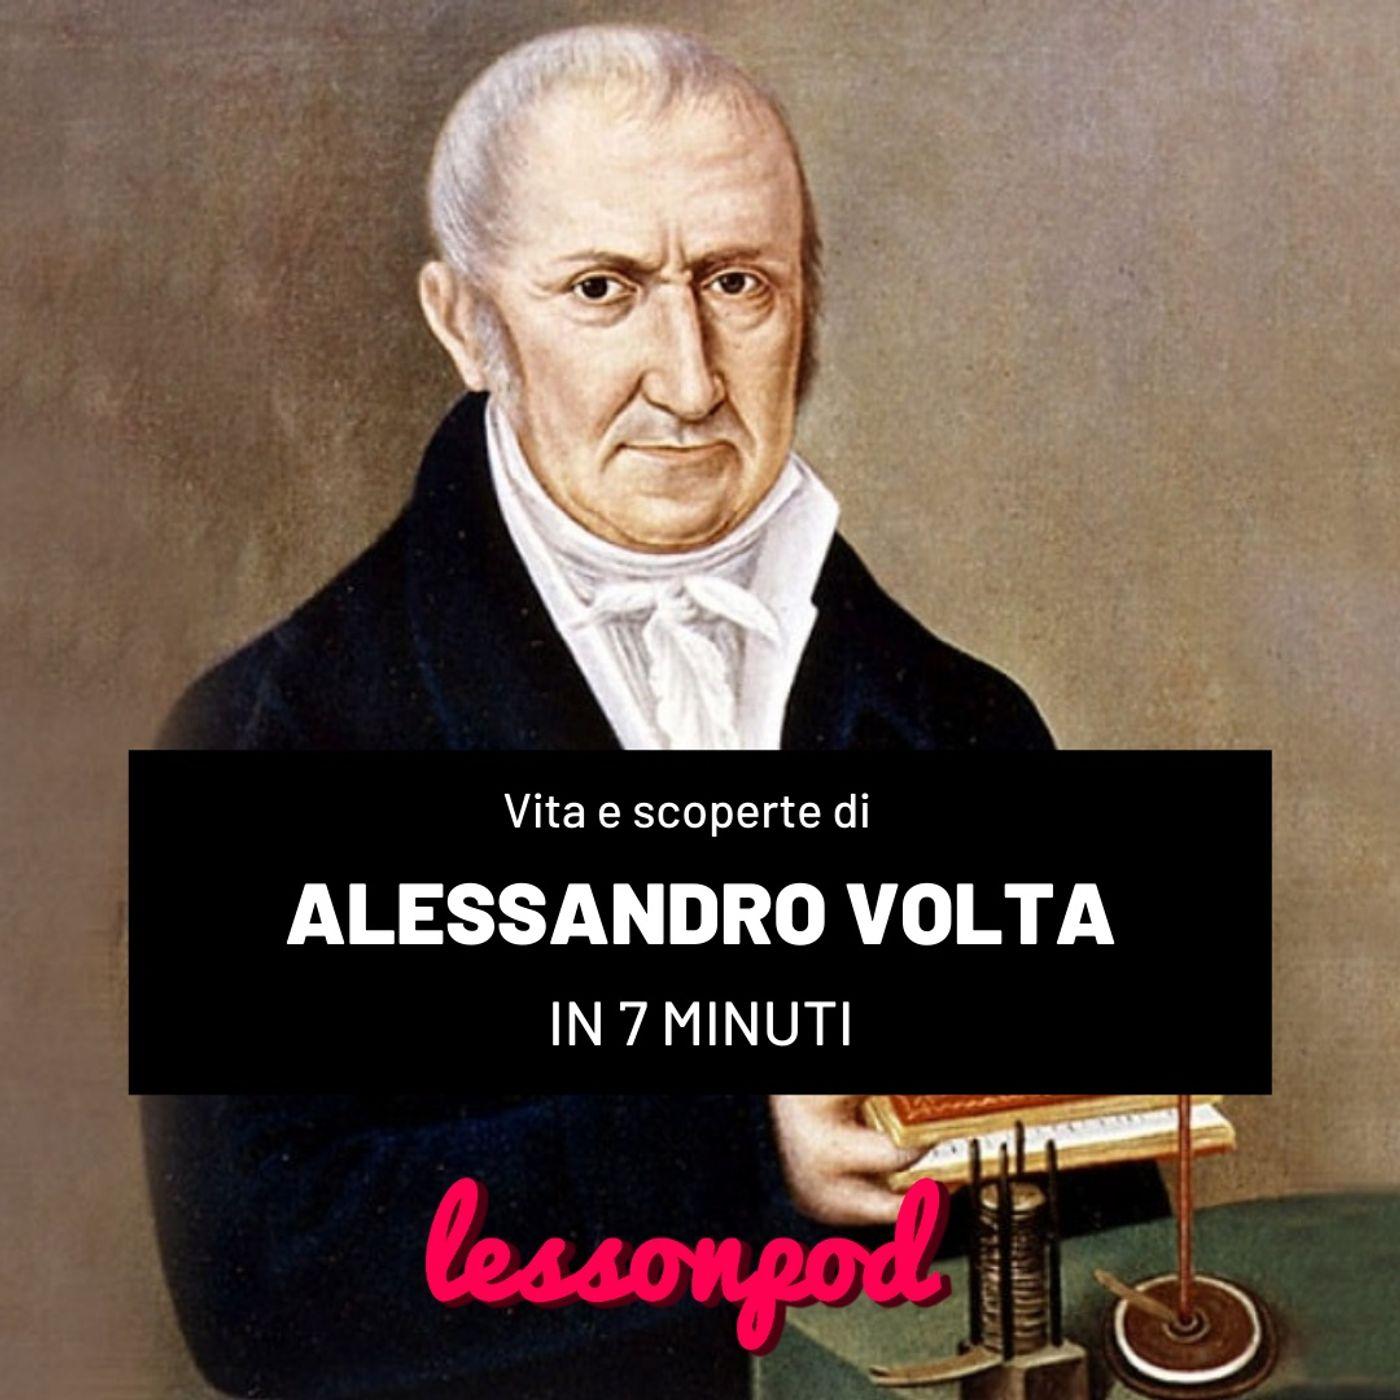 Alessandro Volta e le sue scoperte in 7 minuti